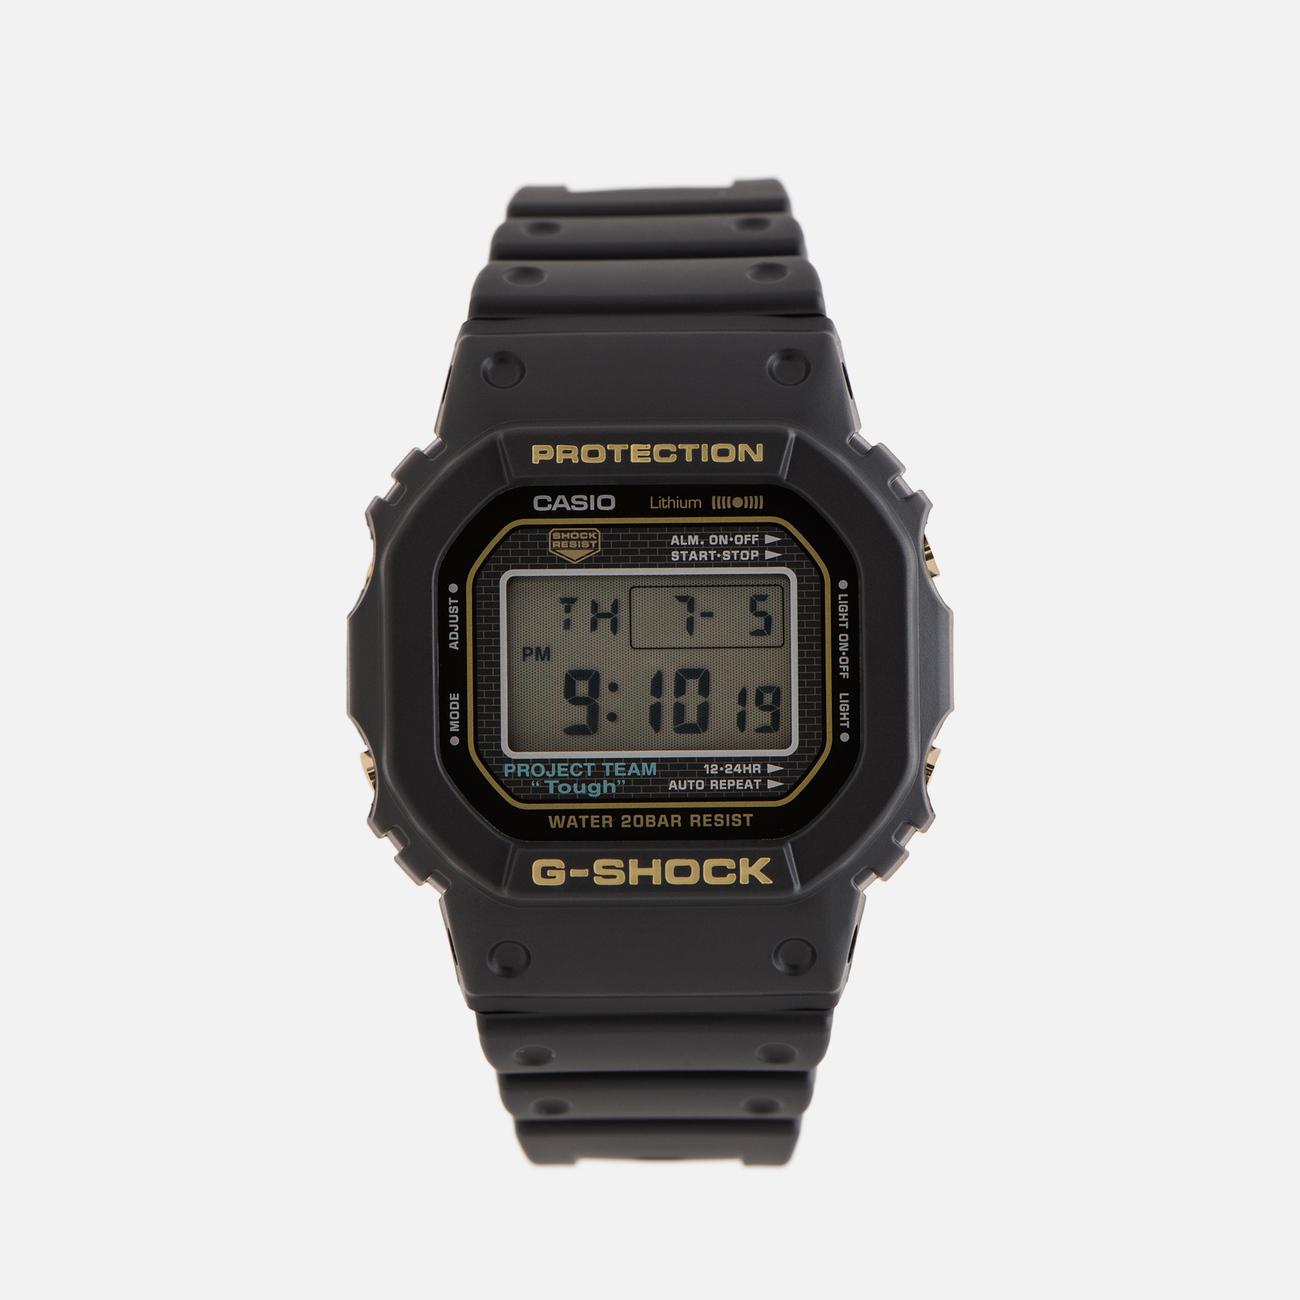 Наручные часы CASIO G-SHOCK DW-5035D-1B 35th Anniversary Black/Gold